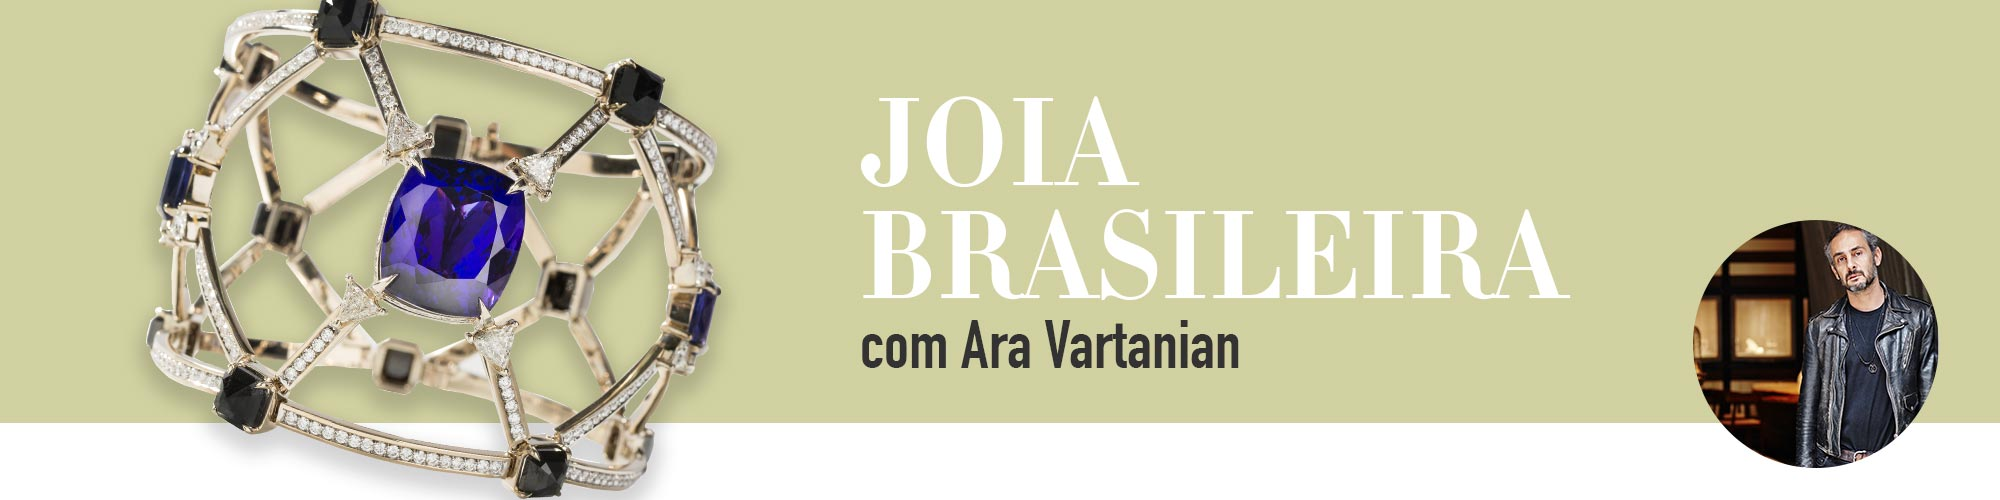 Série Joia Brasileira: Ara Vartanian repassa carreira e fala de práticas sociais e ambientais